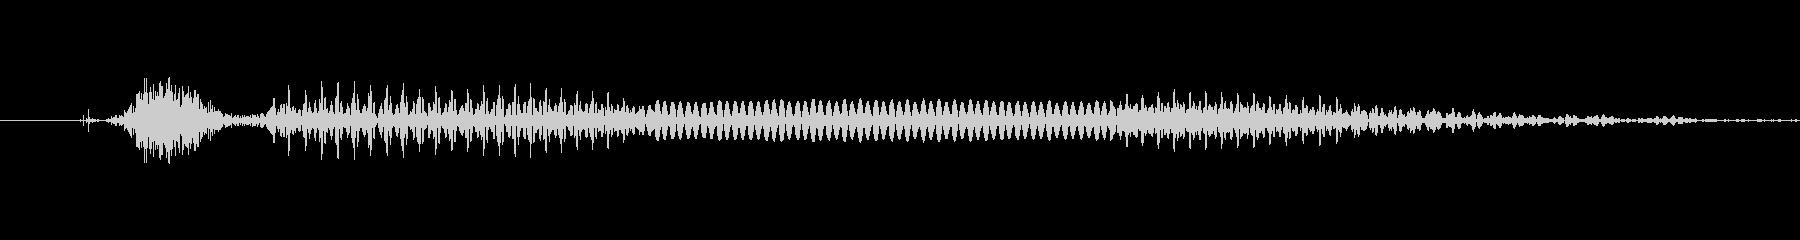 残念…の未再生の波形